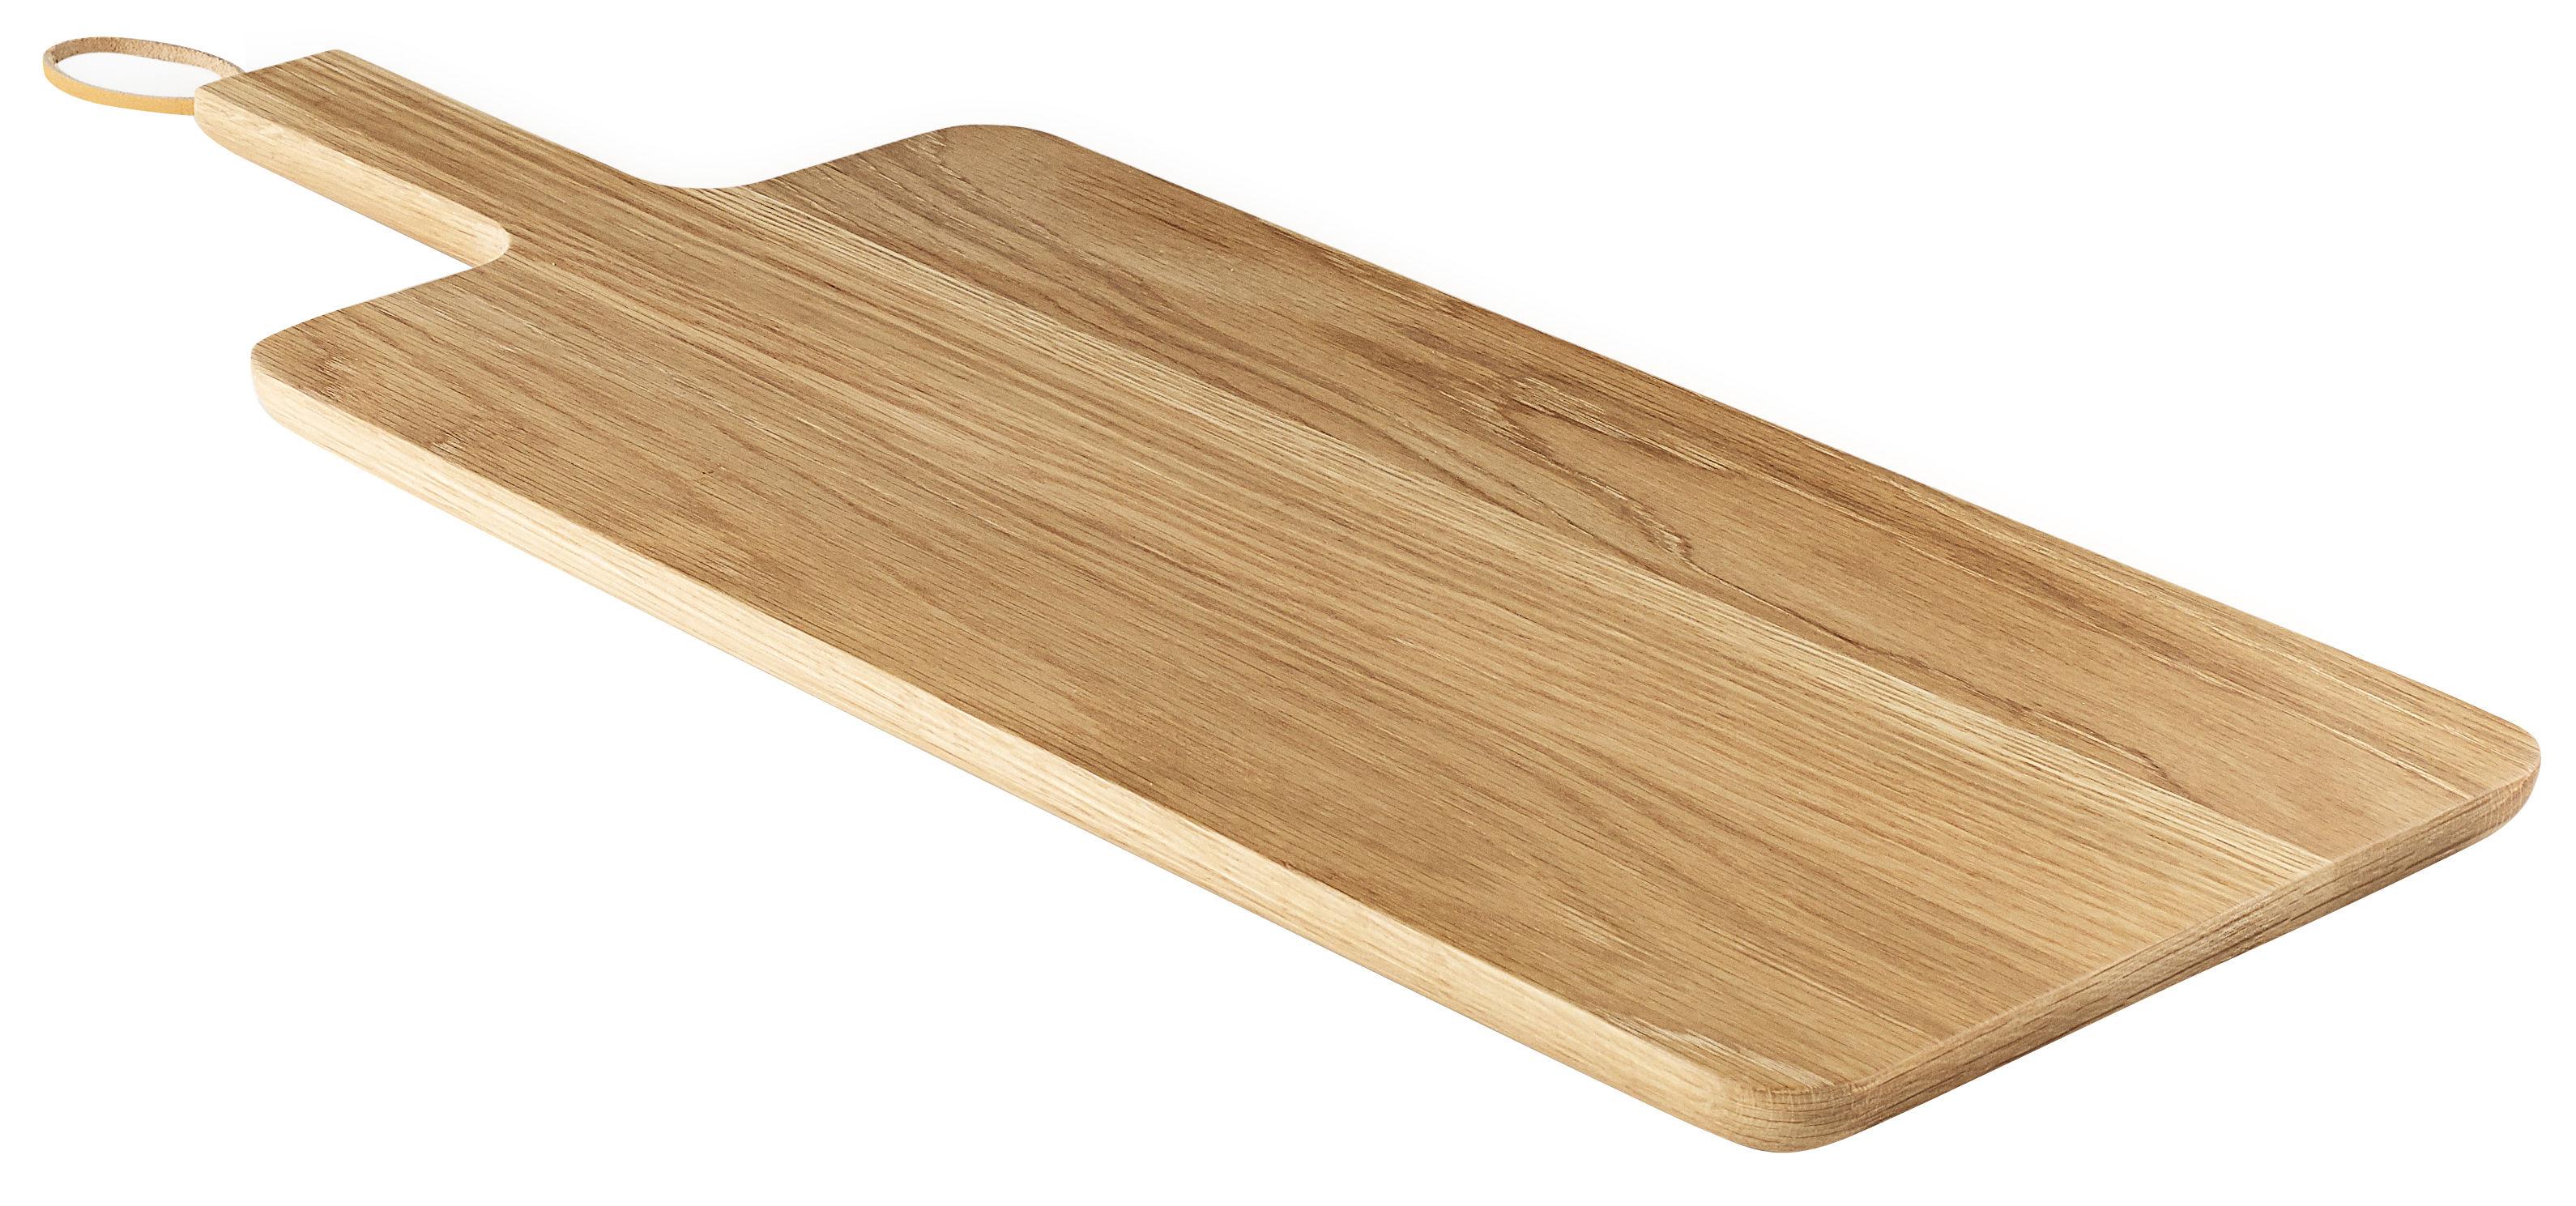 Küche - Küchenutensilien - Nordic Kitchen Schneidebrett / Eiche - 22 x 44 cm - Eva Solo - Eiche / 22 x 44 cm - Eiche, Leder